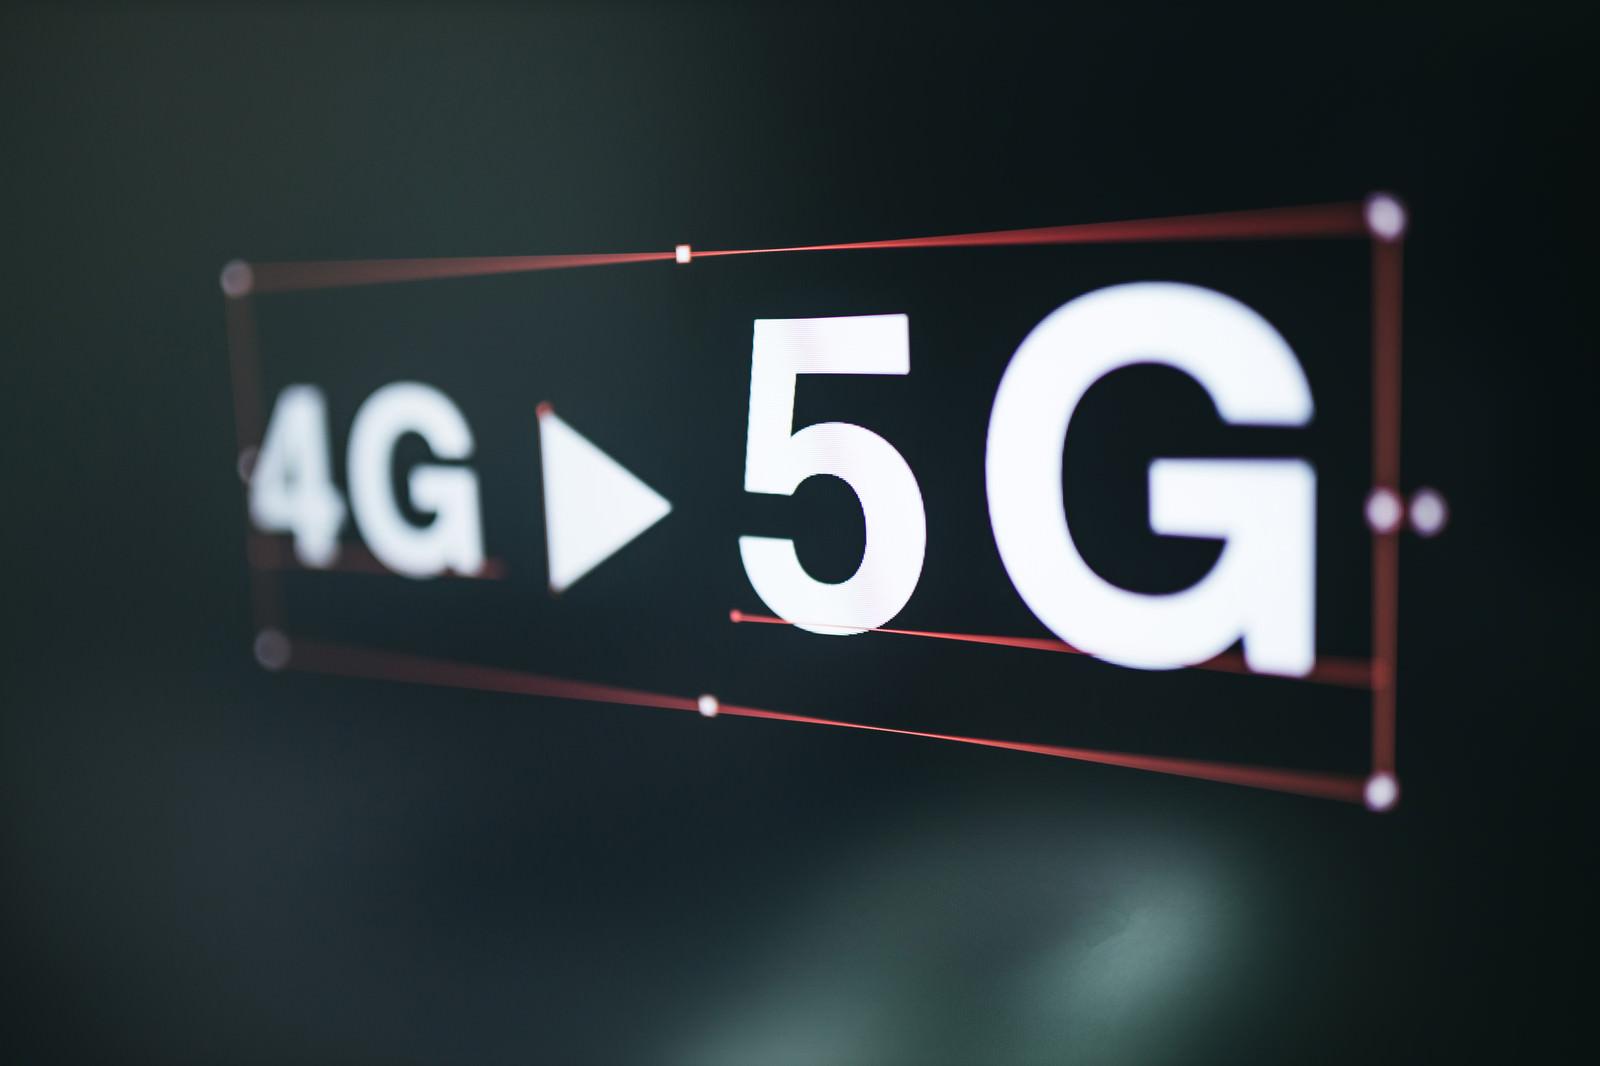 「4G→5Gに移行」の写真